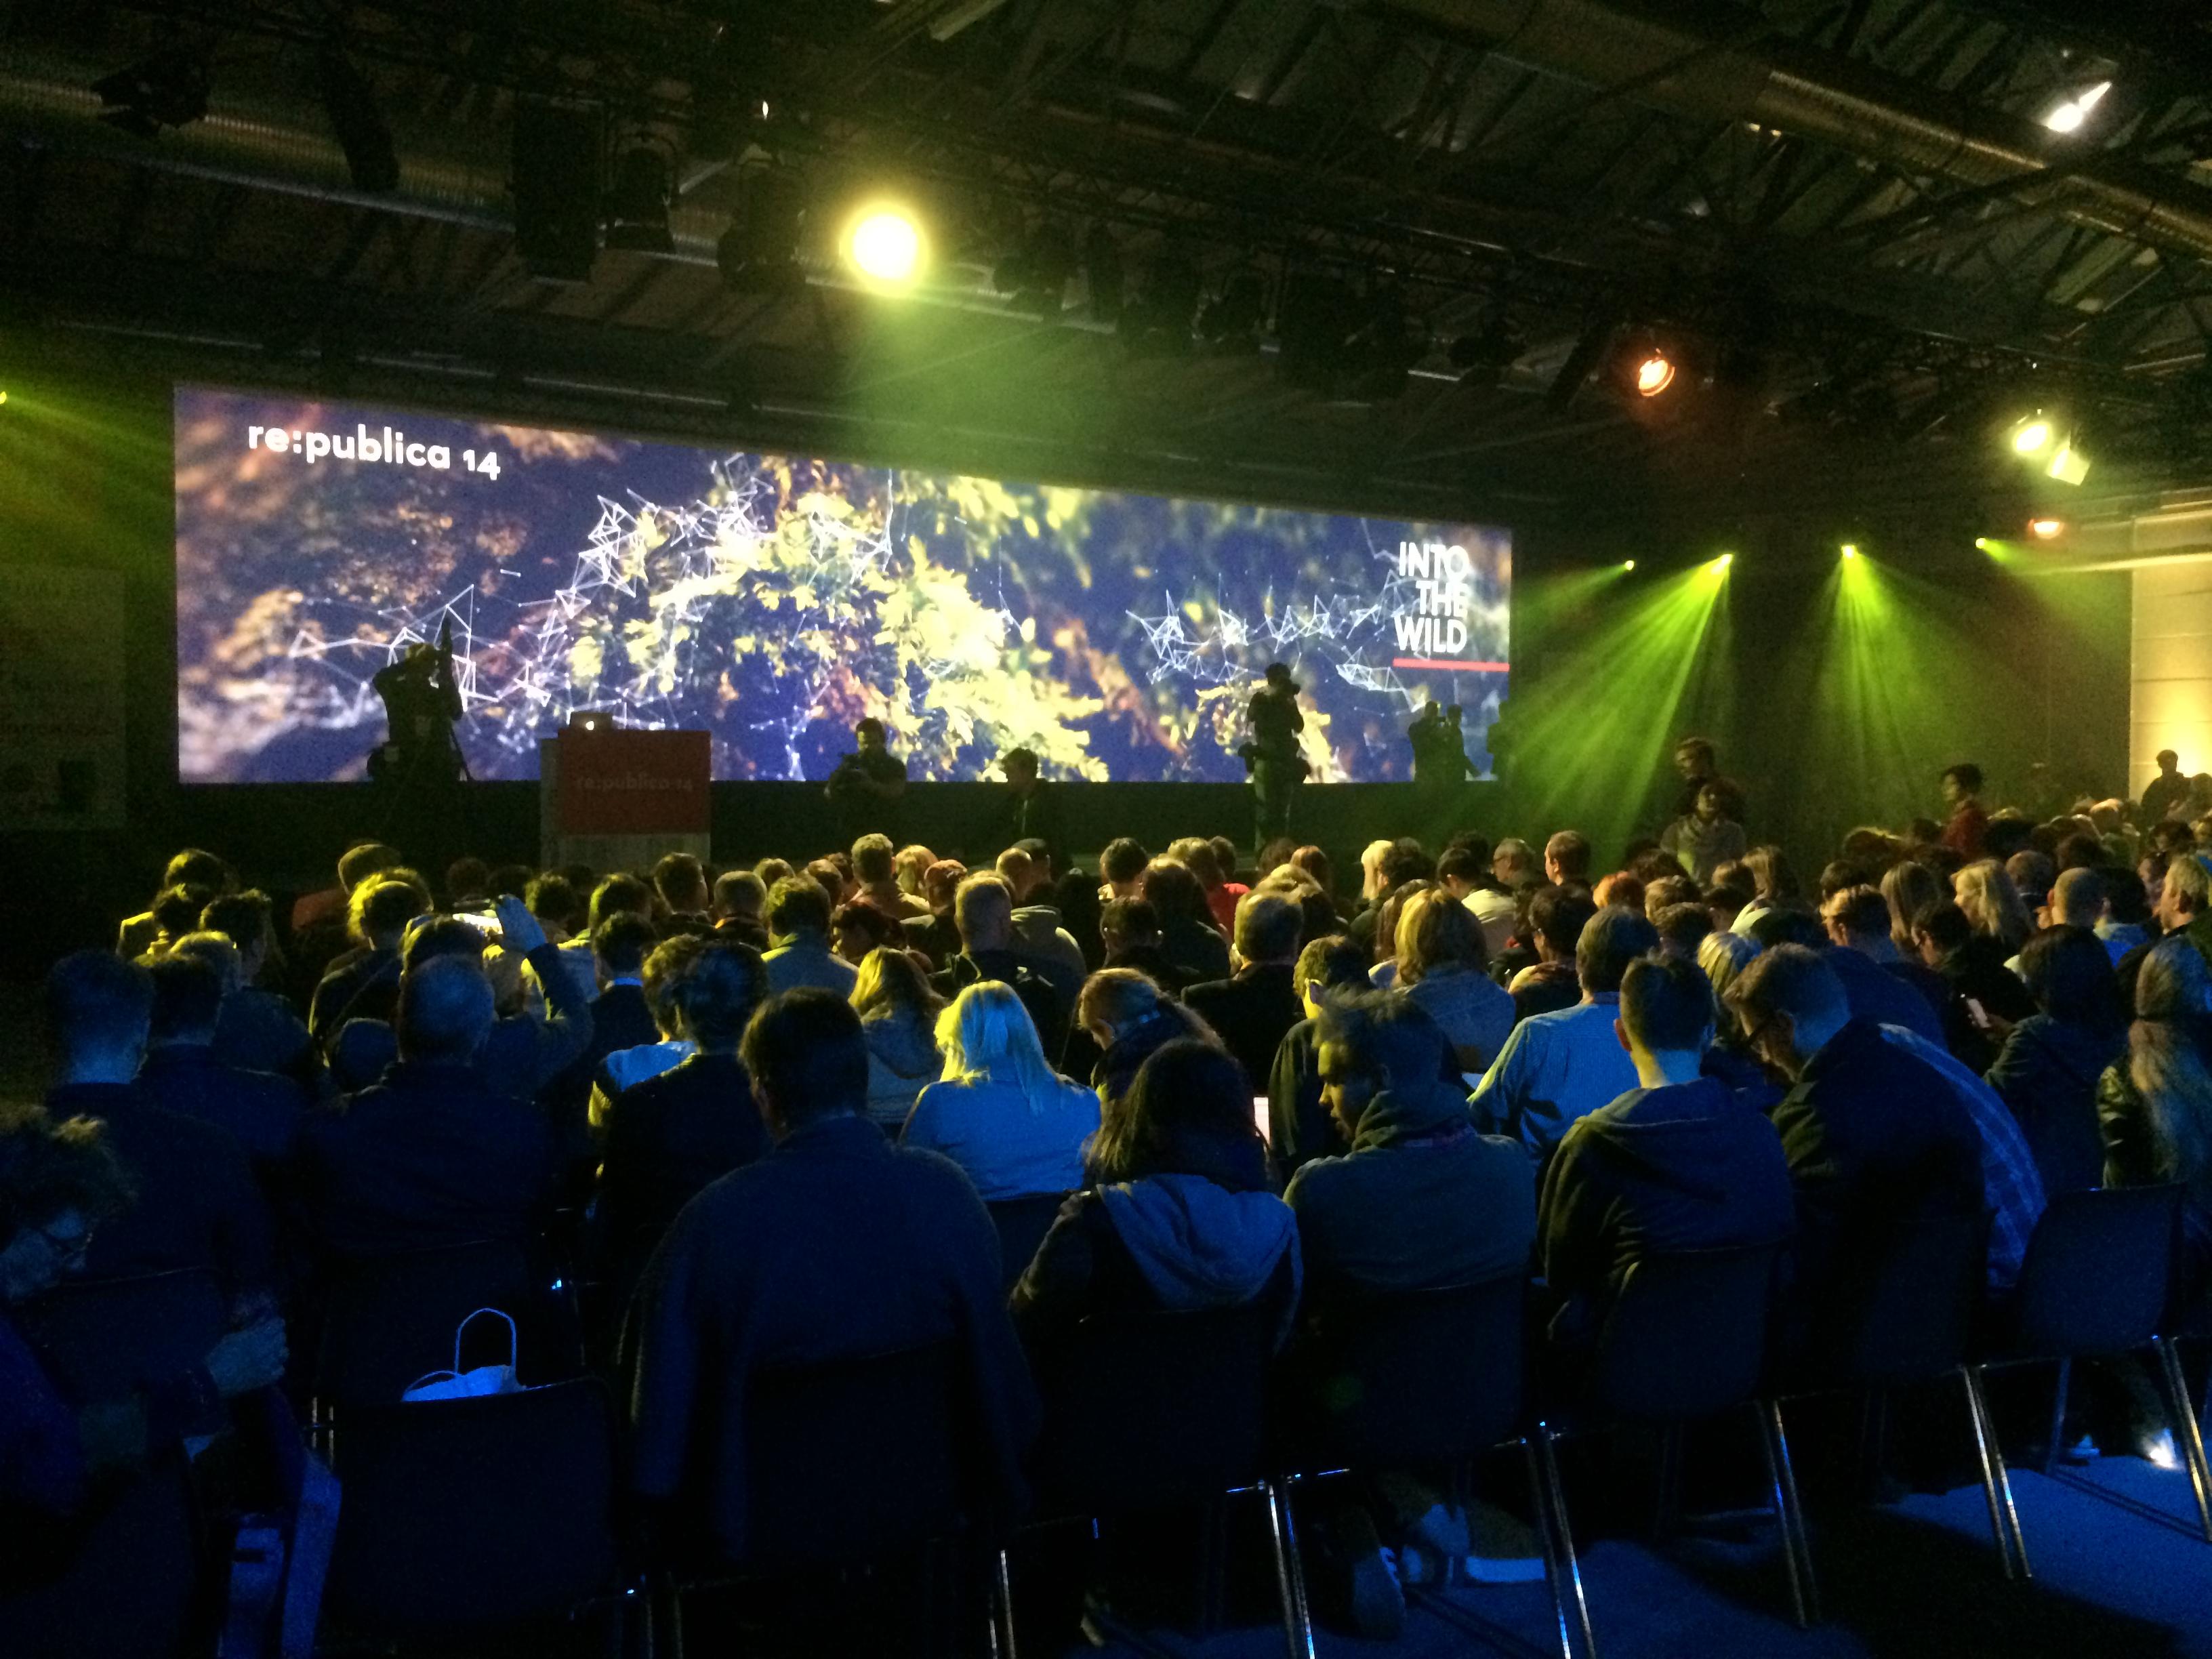 re:publica 2014: Als David Hasselhoff sang und Geschichte getwittert wurde #rp14